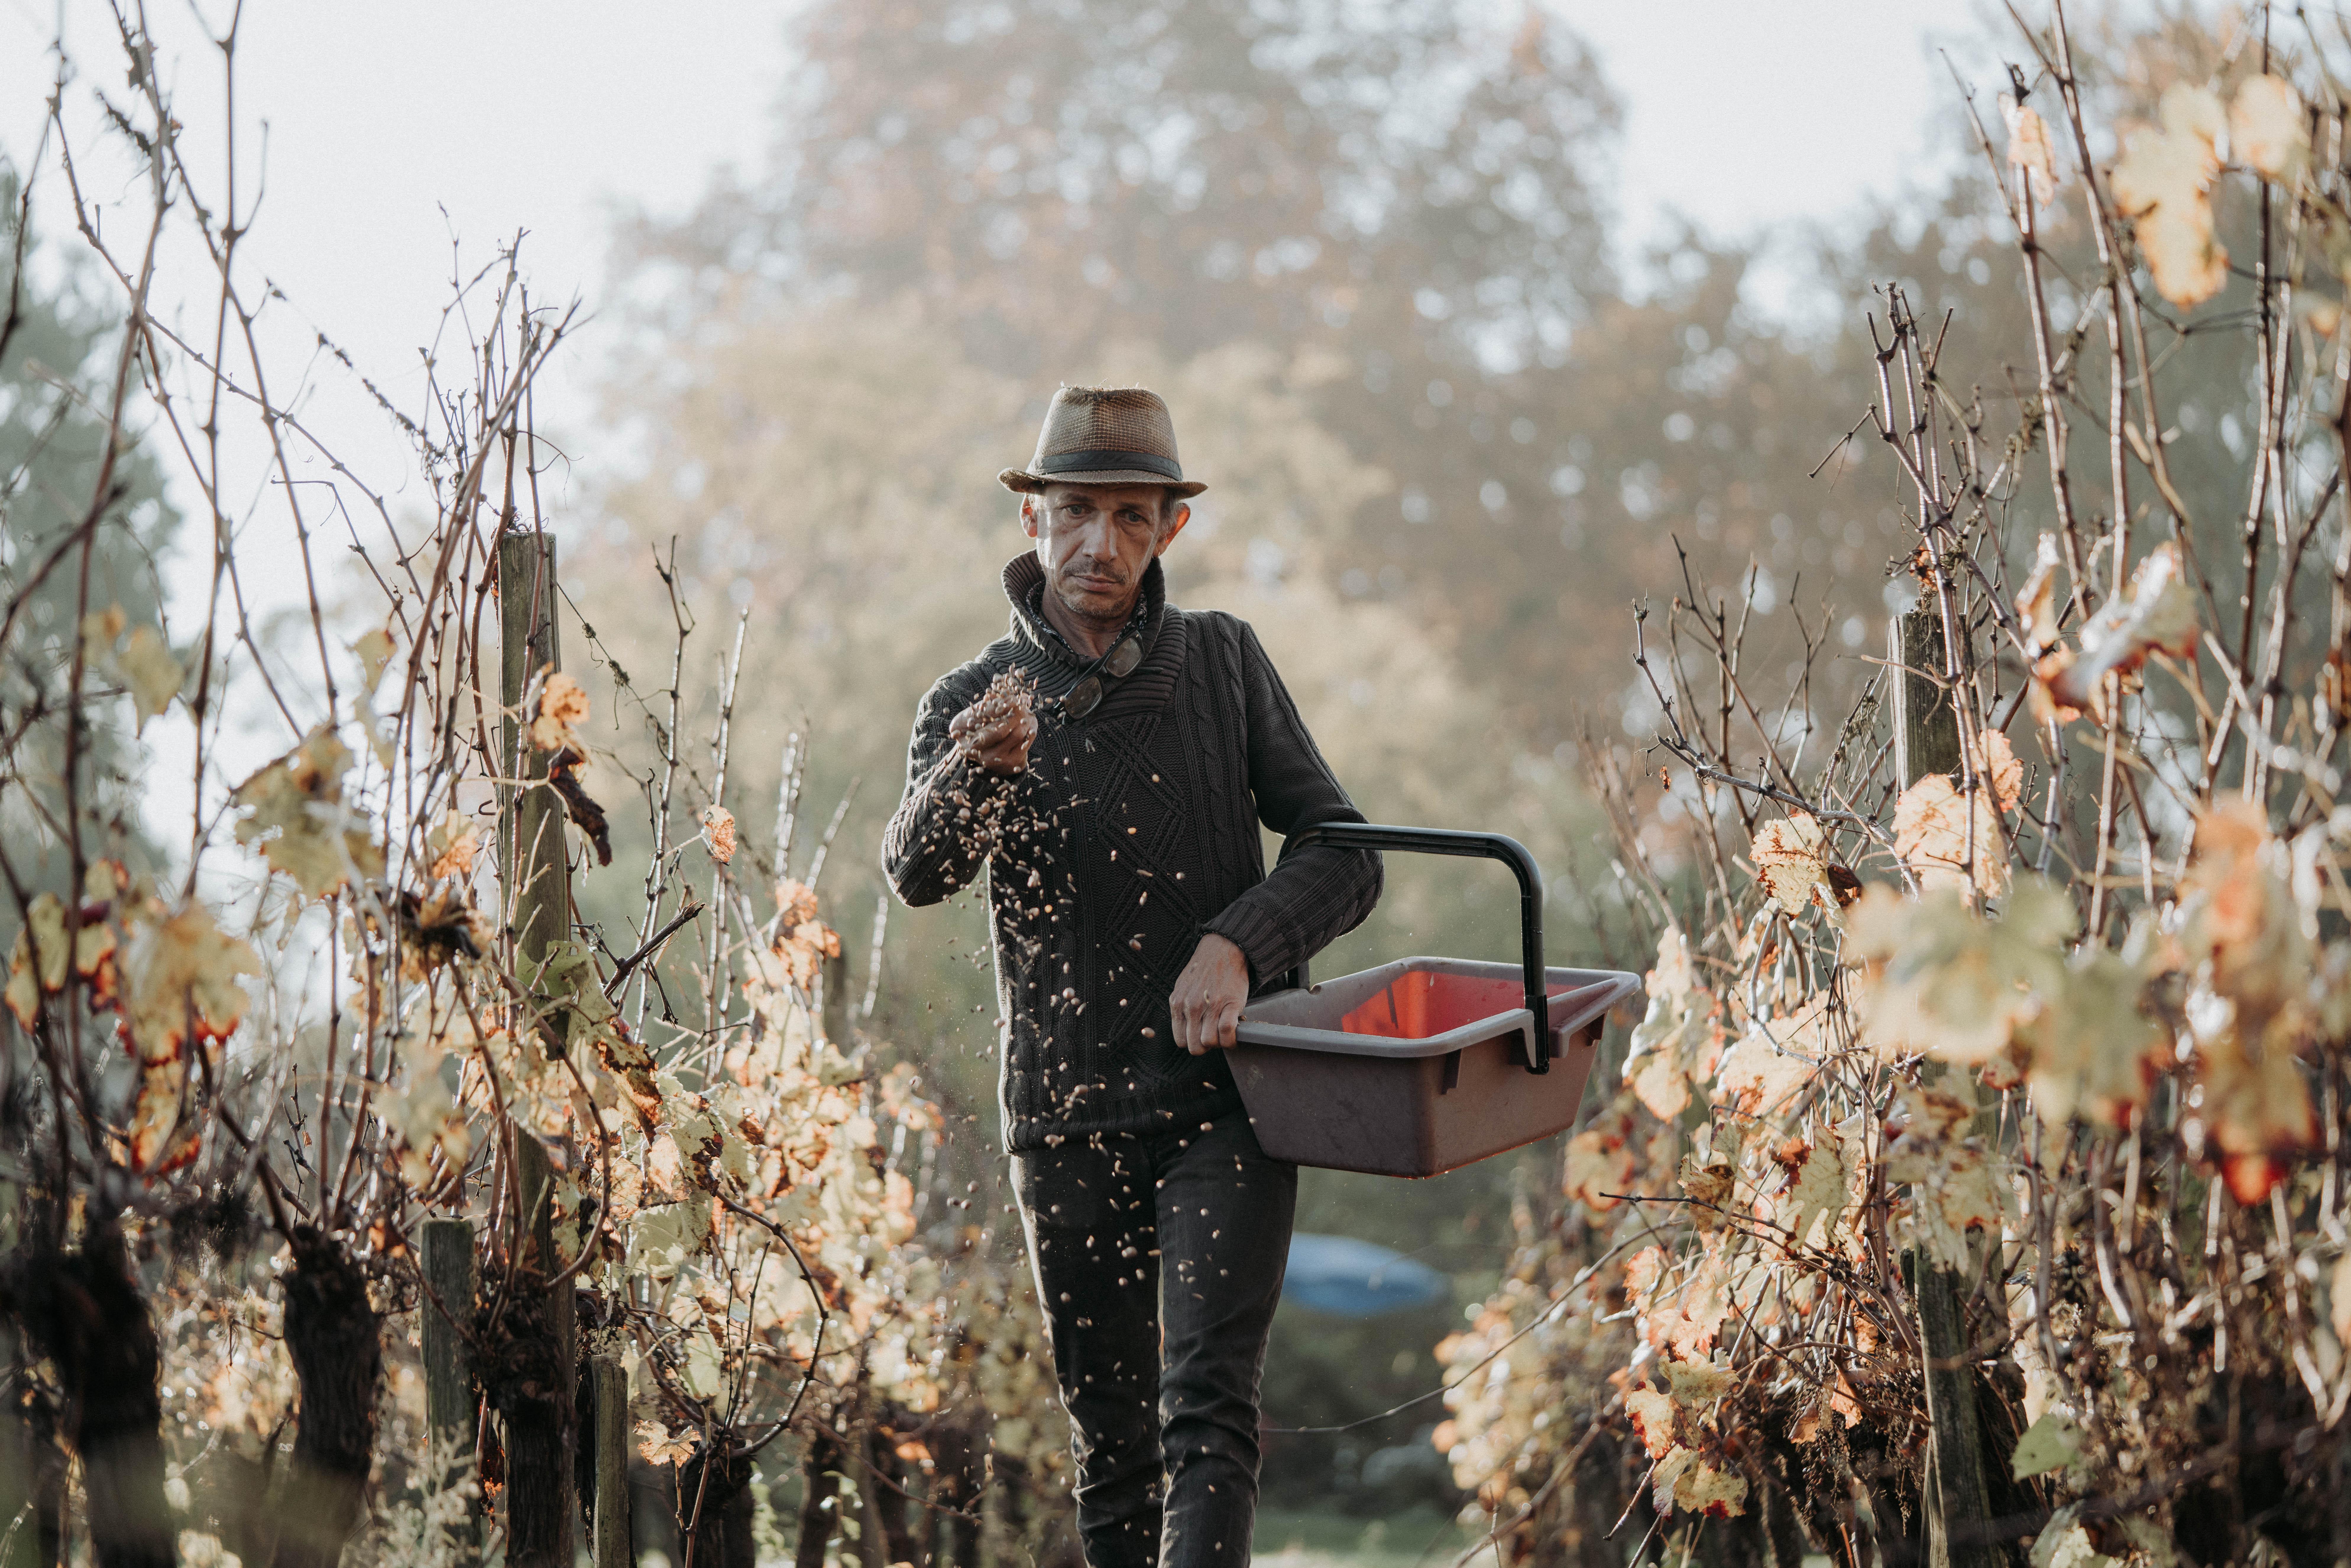 wijnboer wijnmaker hoed wijngaard